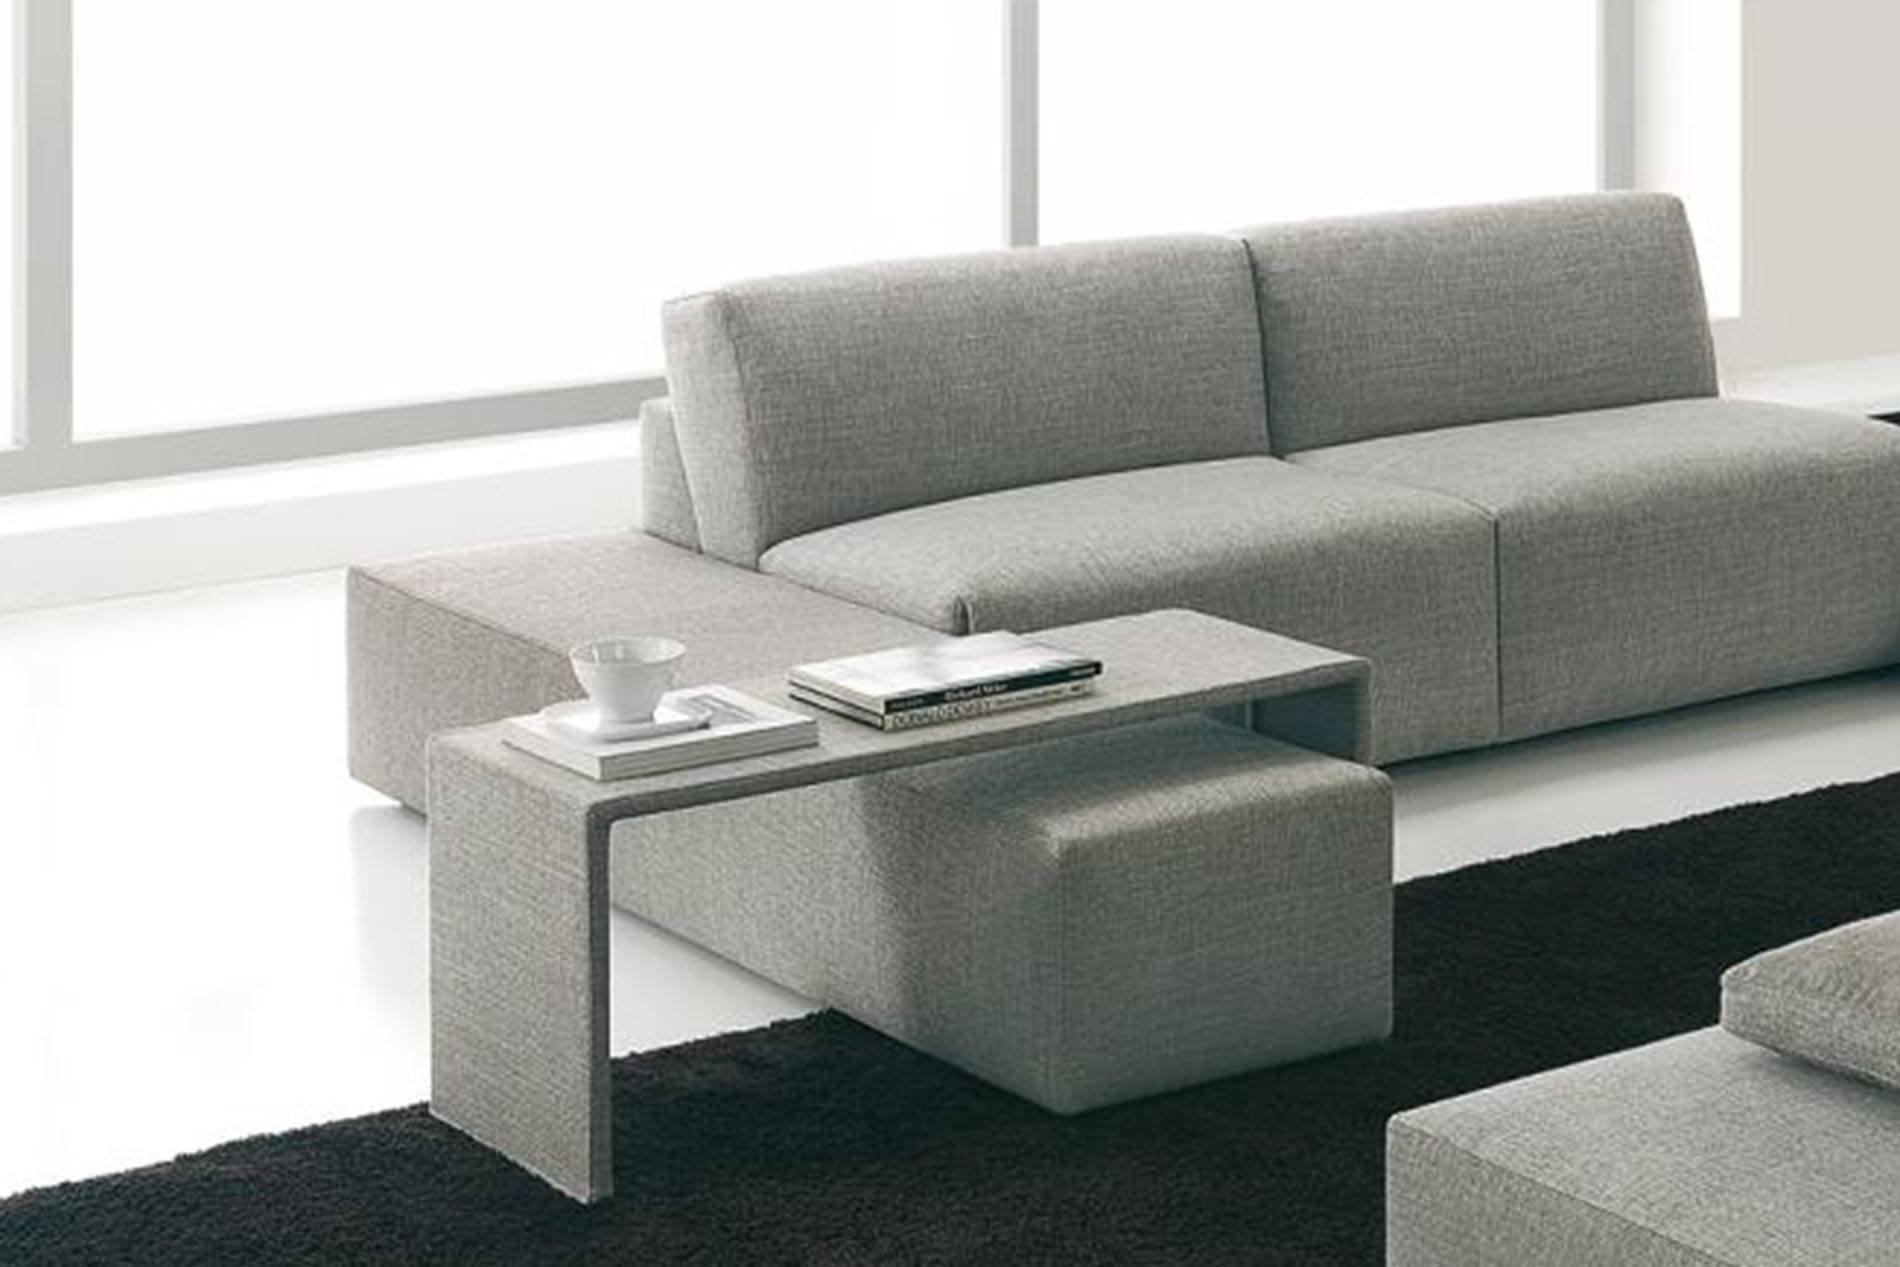 mbel schwab nagold elegant menzel polsterei with mbel. Black Bedroom Furniture Sets. Home Design Ideas